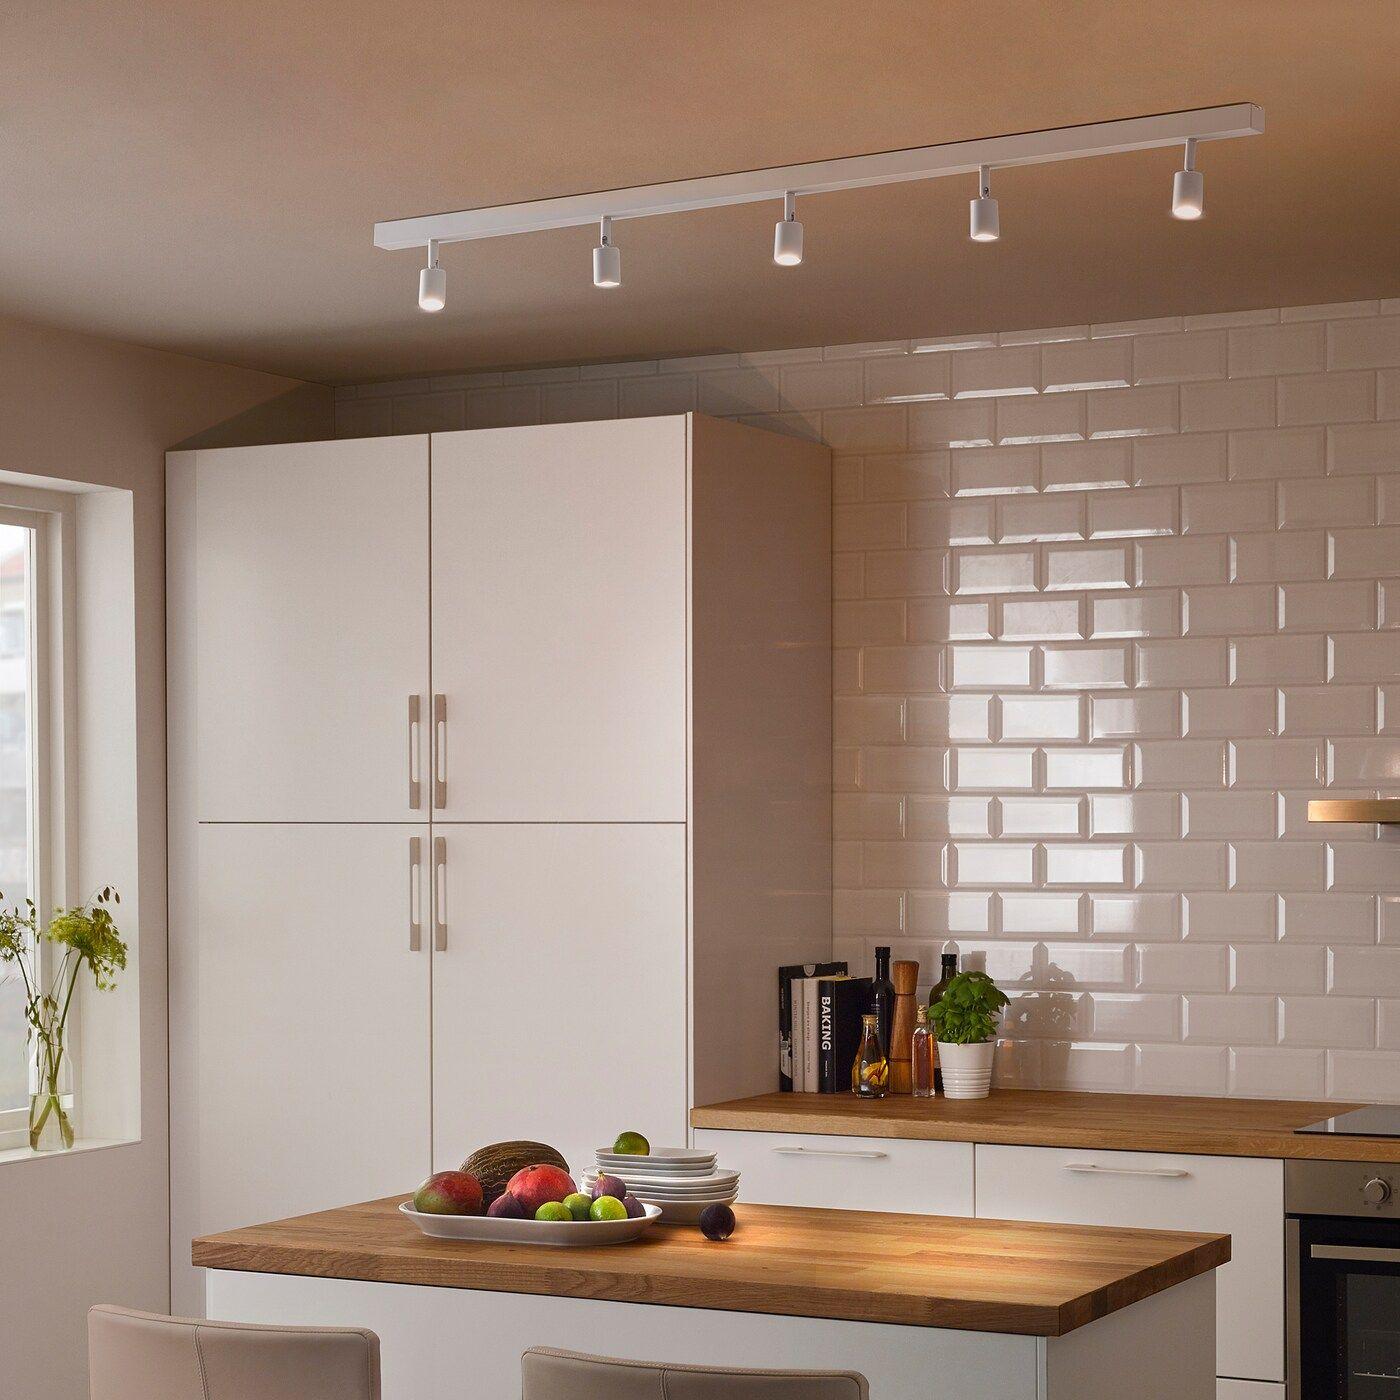 Binario Pensili Cucina Ikea bÄve binario soffitto 5 faretti led - bianco (con immagini